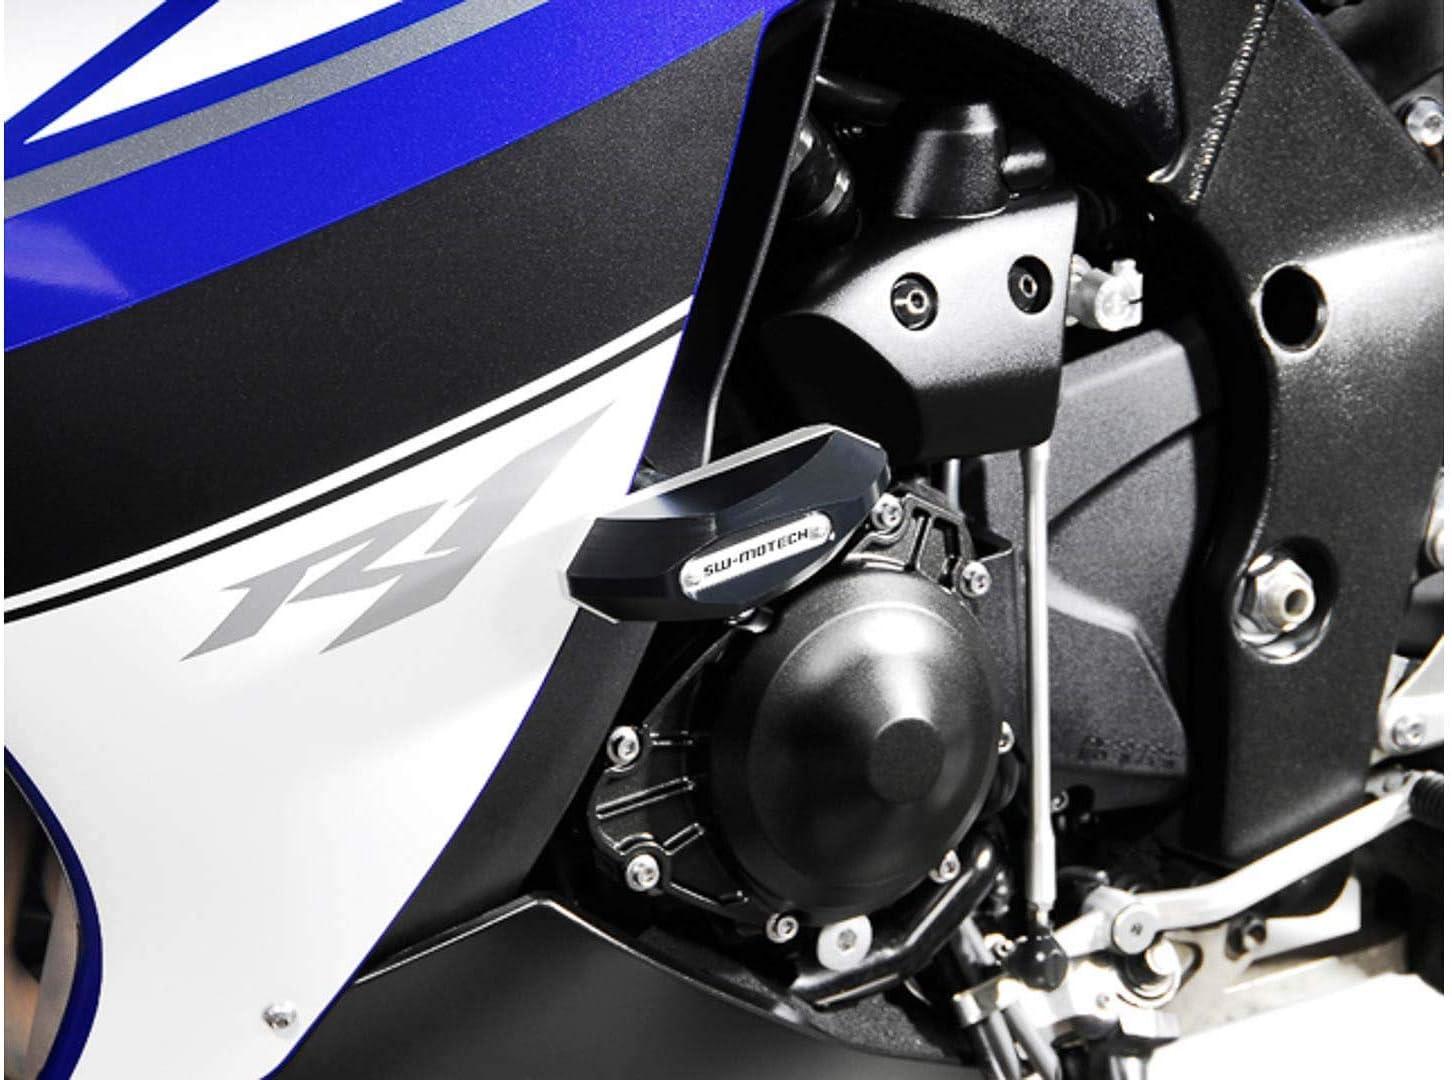 09-14 Schwarz Yamaha YZF-R1 . SW-Motech Sturzpad-Kit